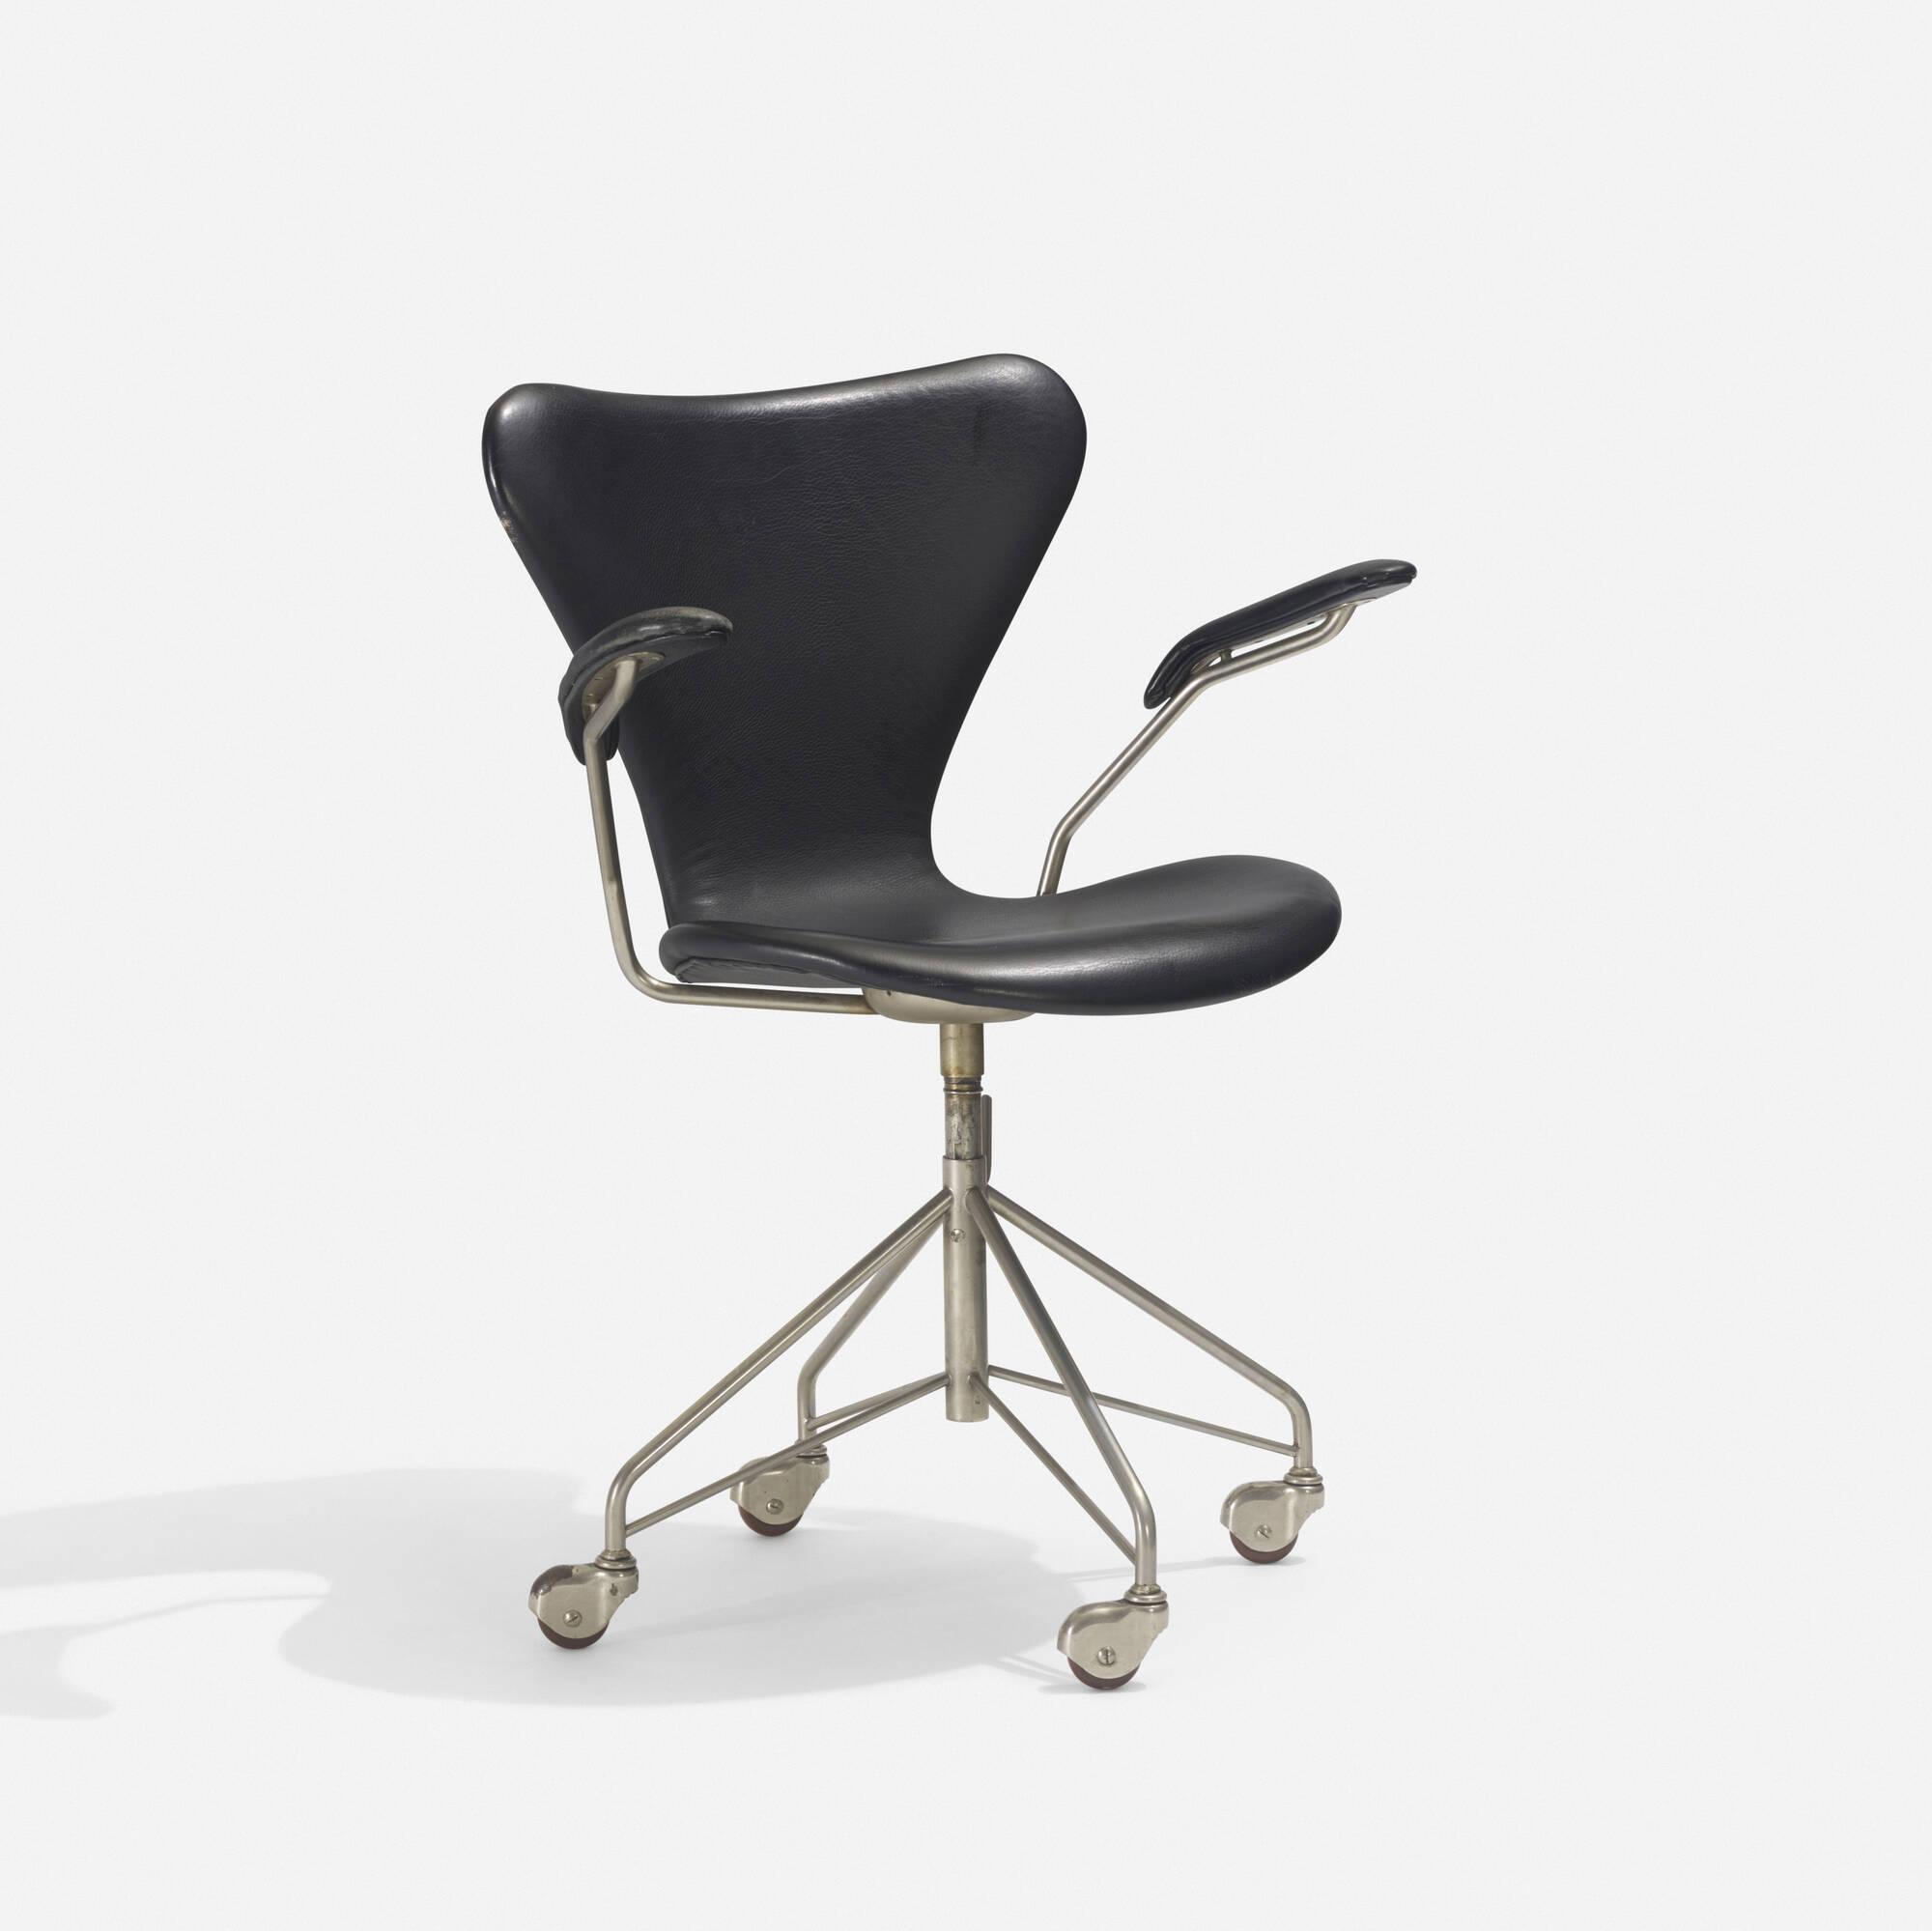 221: Arne Jacobsen / Sevener Desk Chair, Model 3117 (1 Of 2)